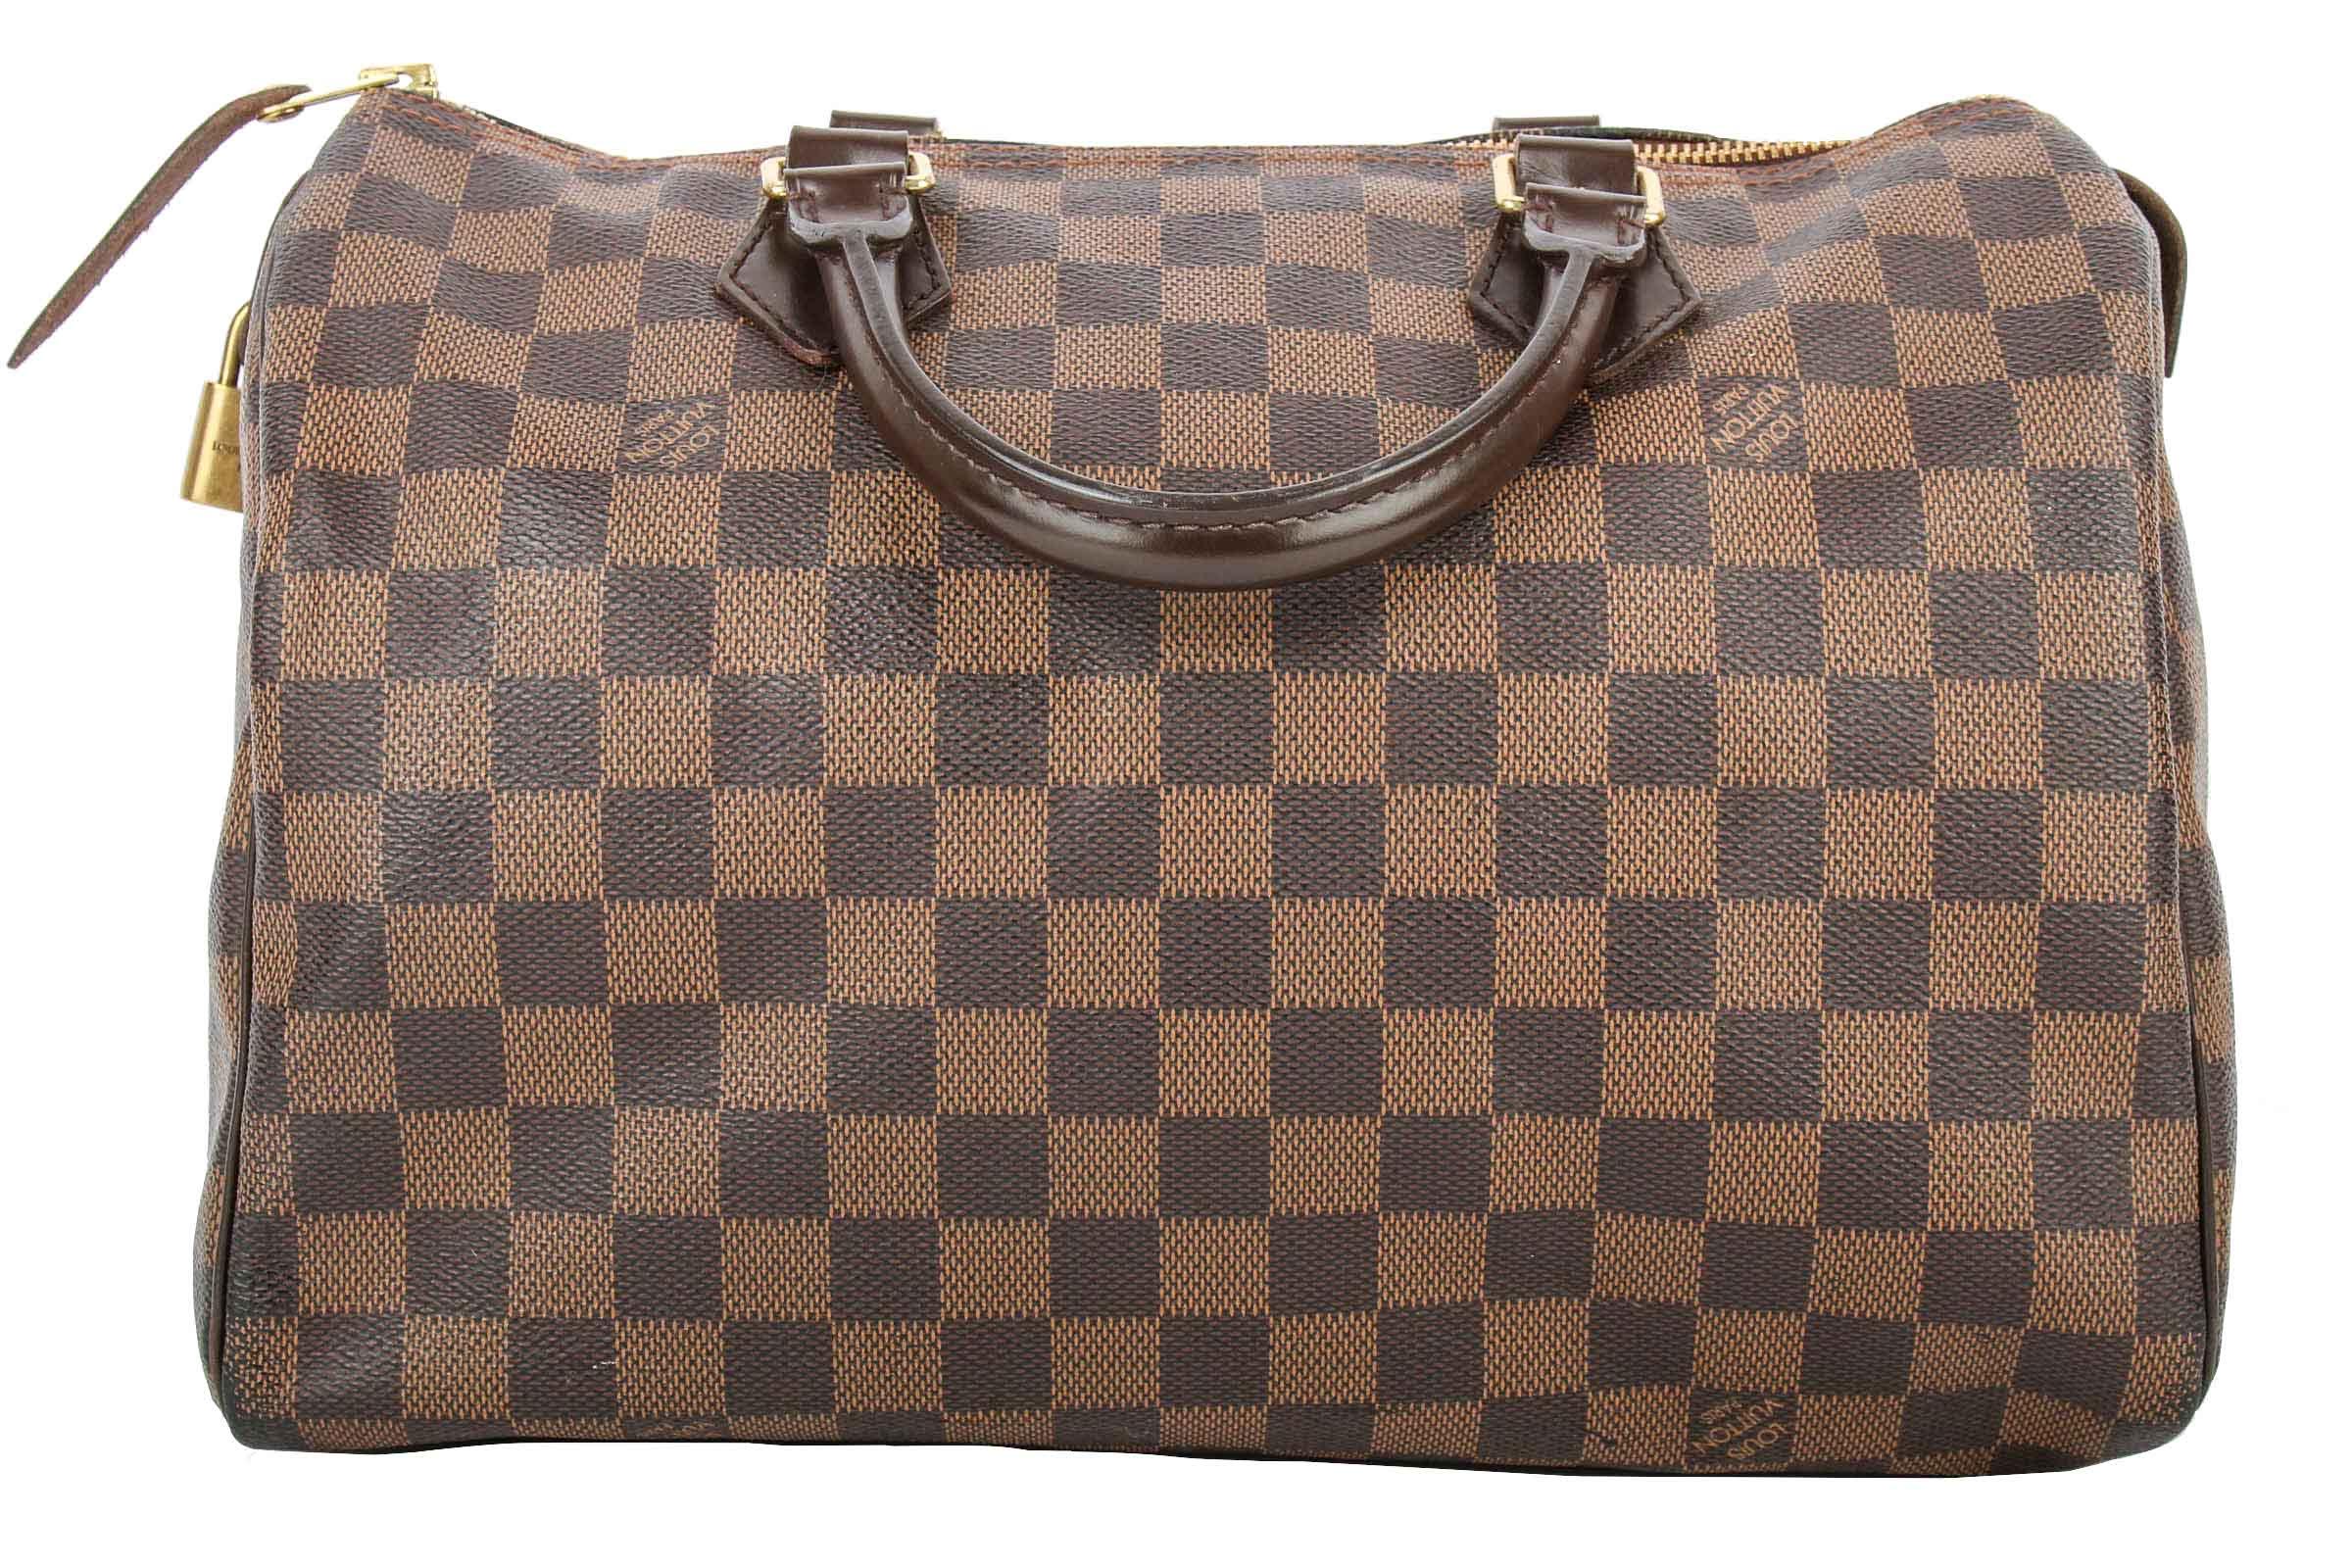 c902714558bd3 Louis Vuitton Speedy 30 Damier Ebene Initialisiert